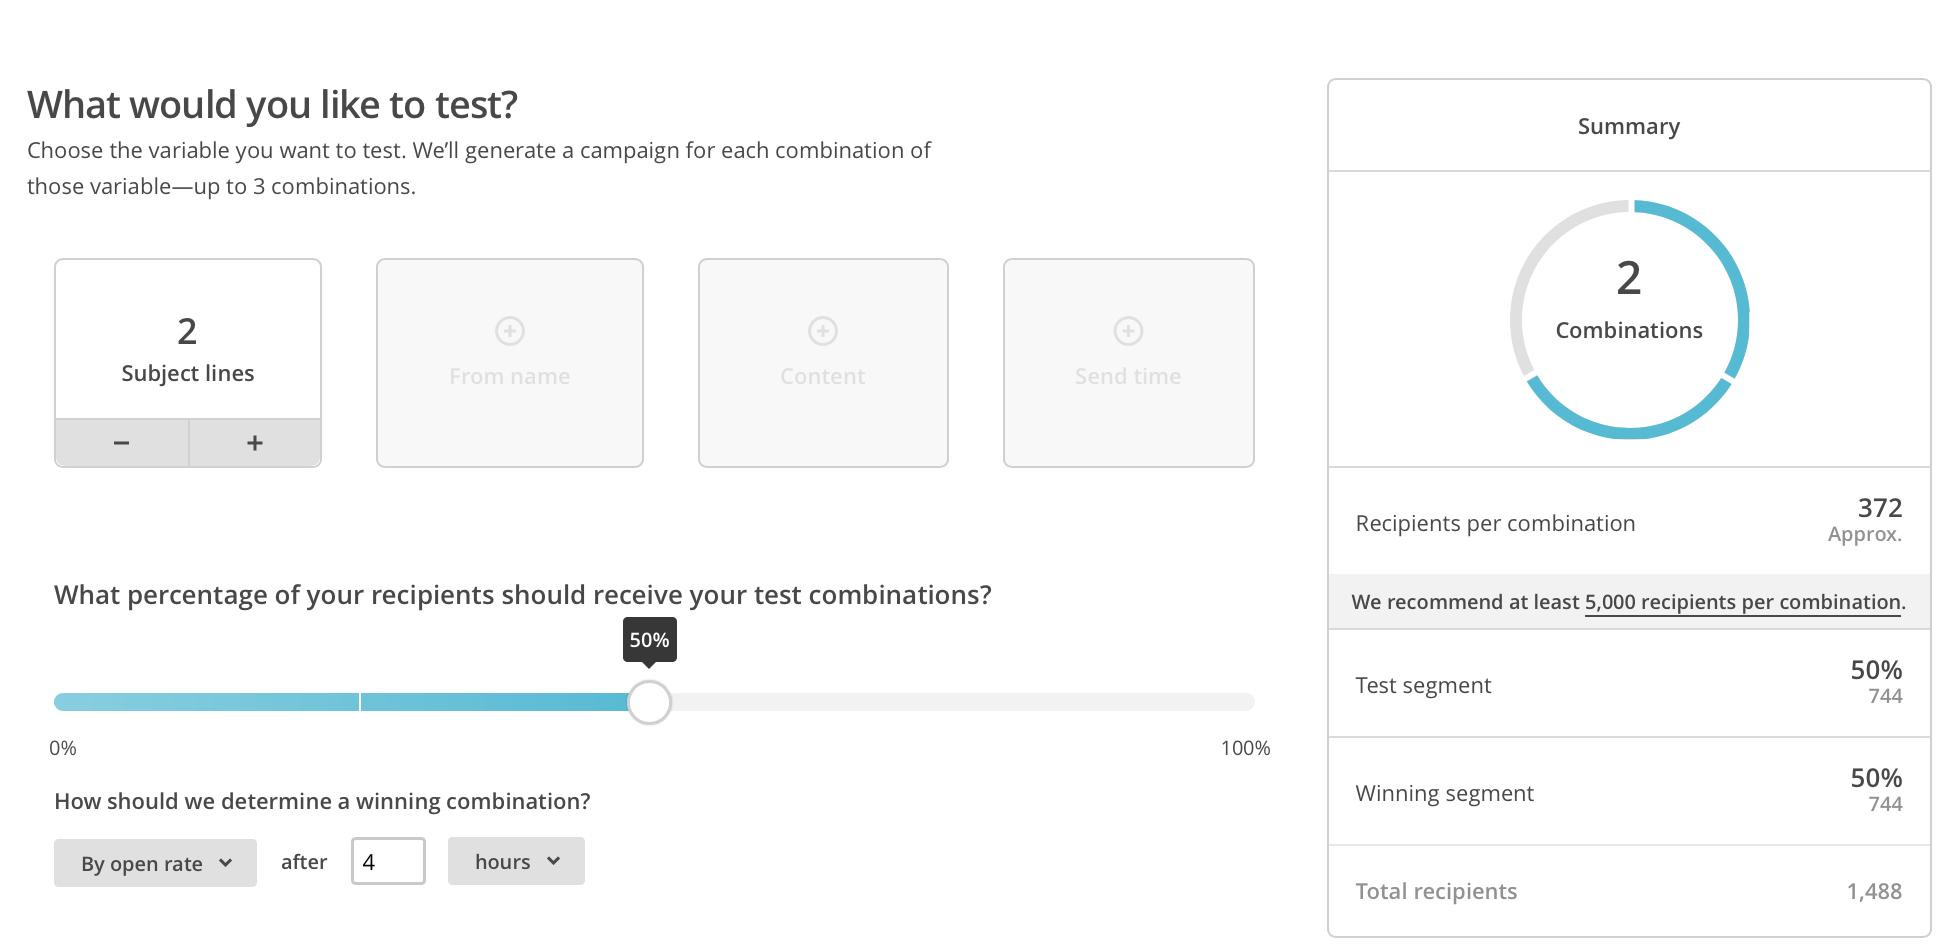 Creacion de Campañas ::B Testing en Mailchimp